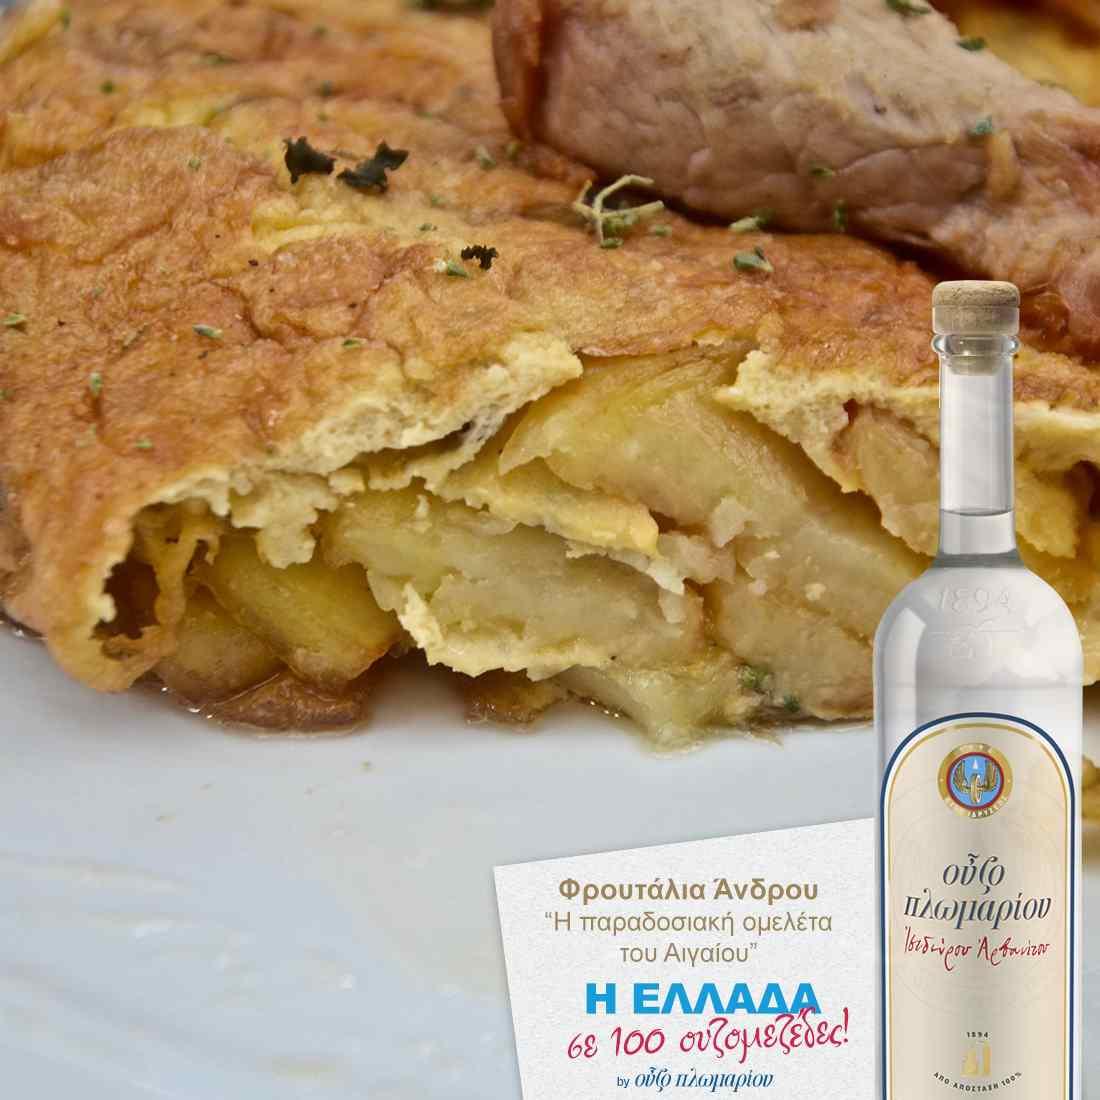 Φρουτάλια Άνδρου - Ουζομεζέδες - Greek Gastronomy Guide